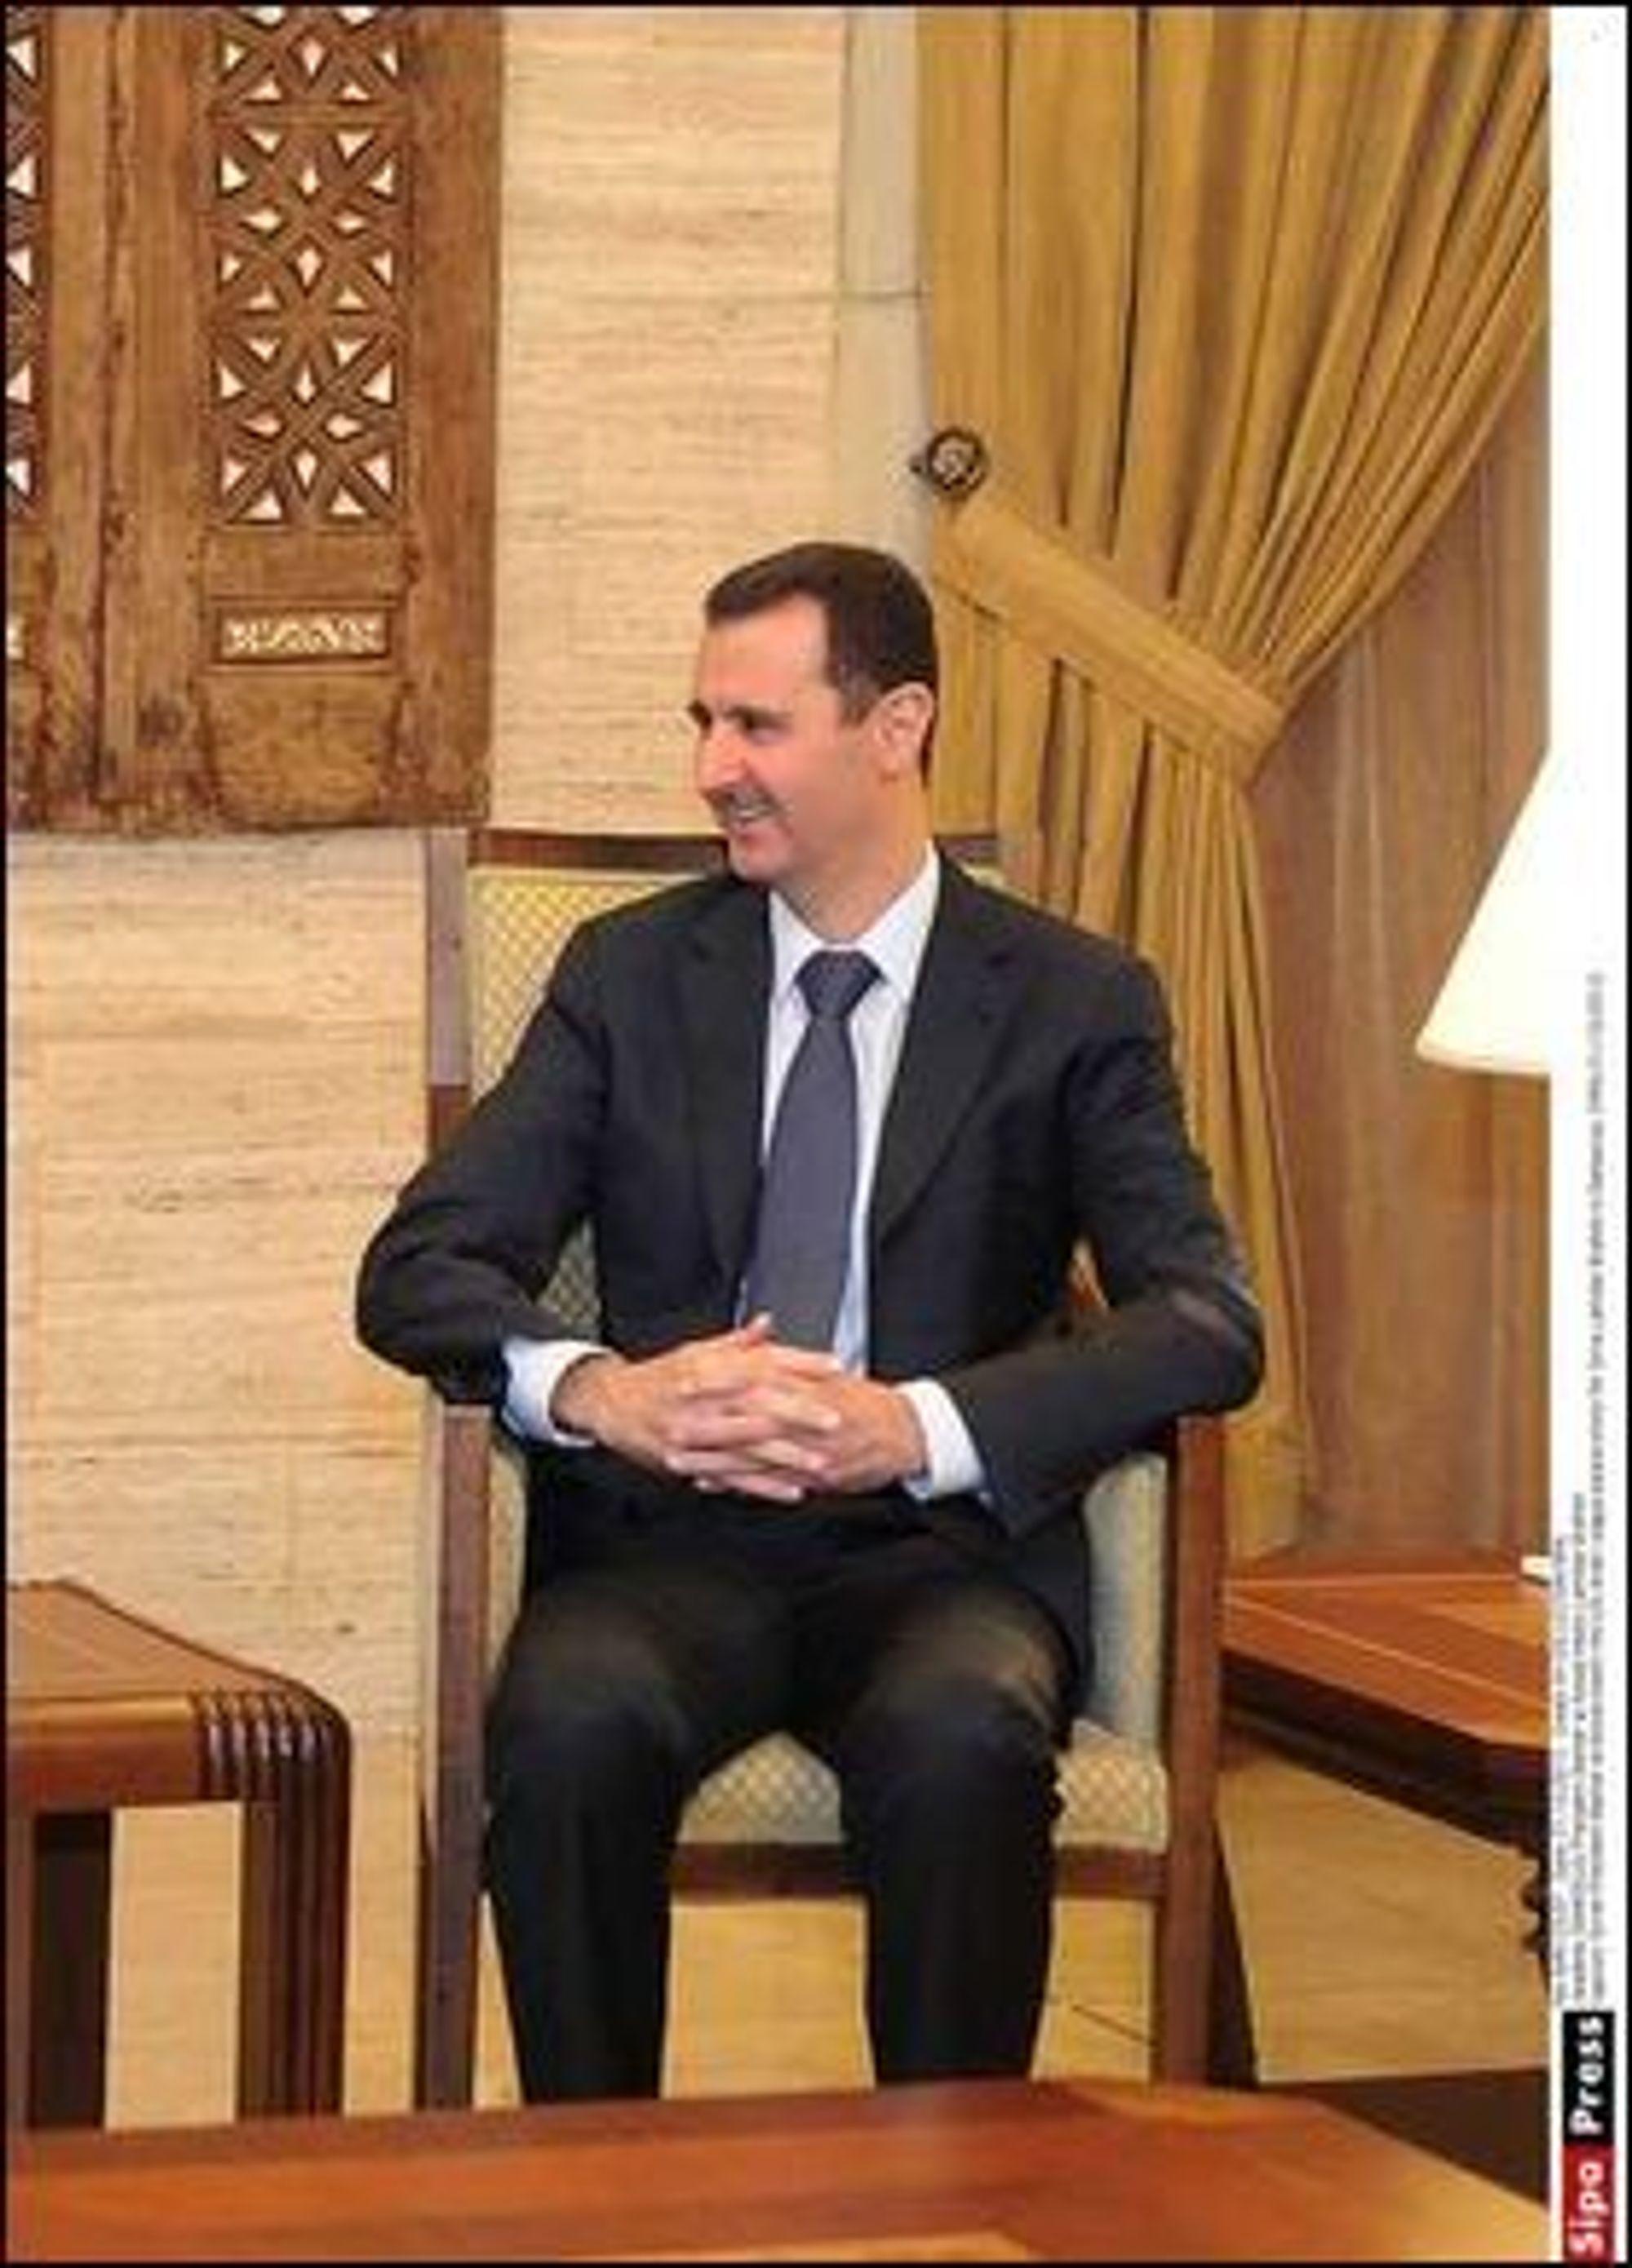 Har regimet i Syria, ledet av Bashar al-Assad, strammet til nett-overvåkningen av landets innbyggere?